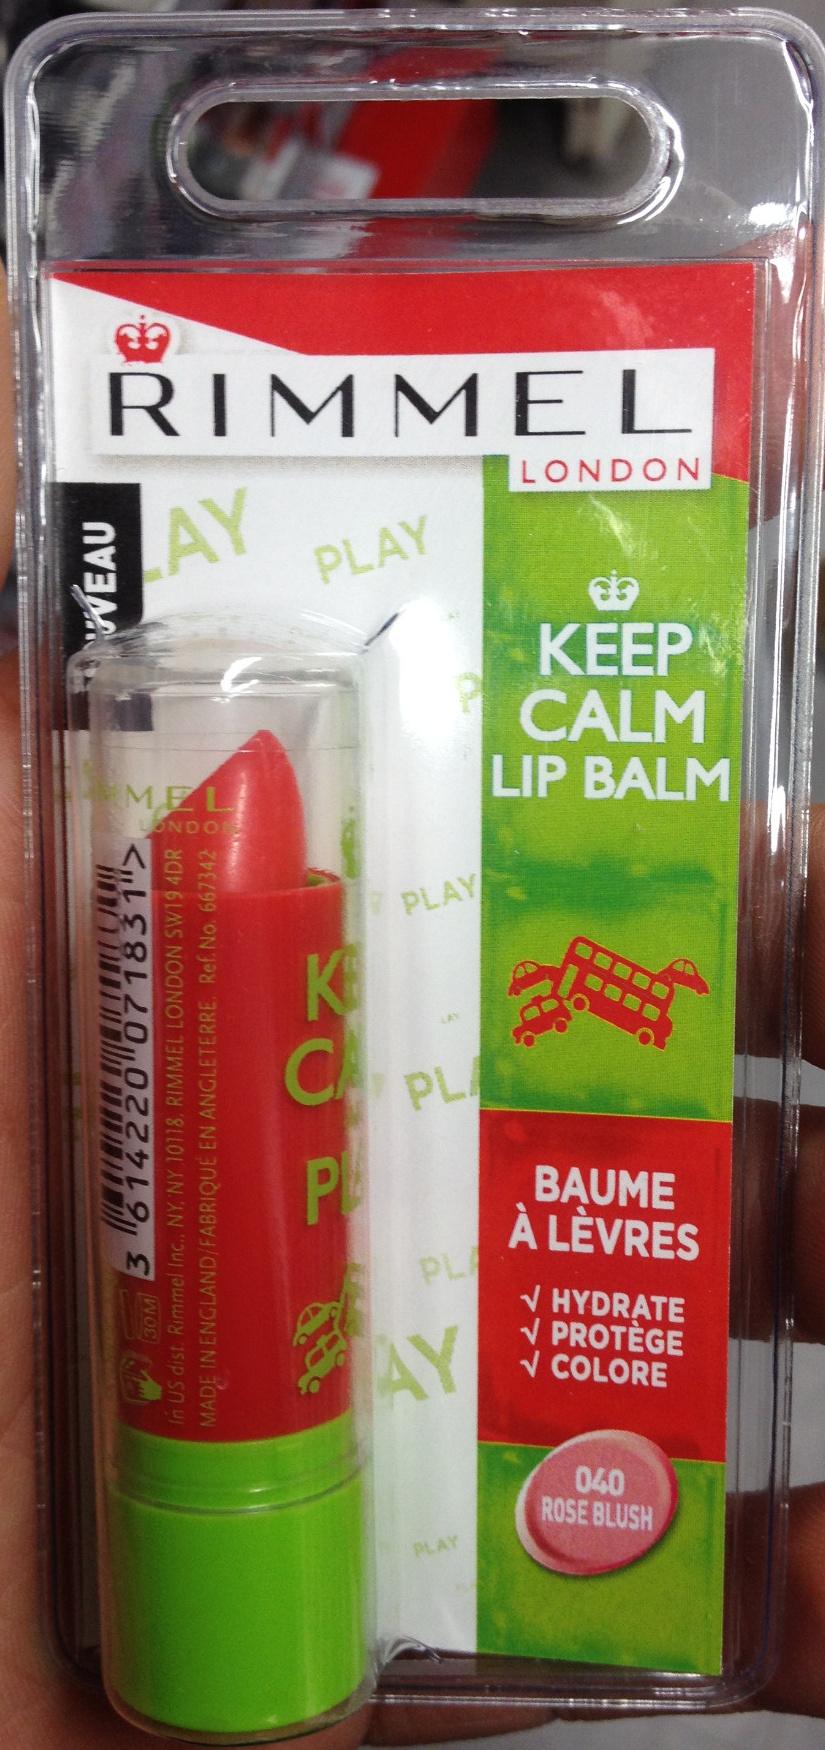 Baume à lèvres 040 rose blush - Product - fr